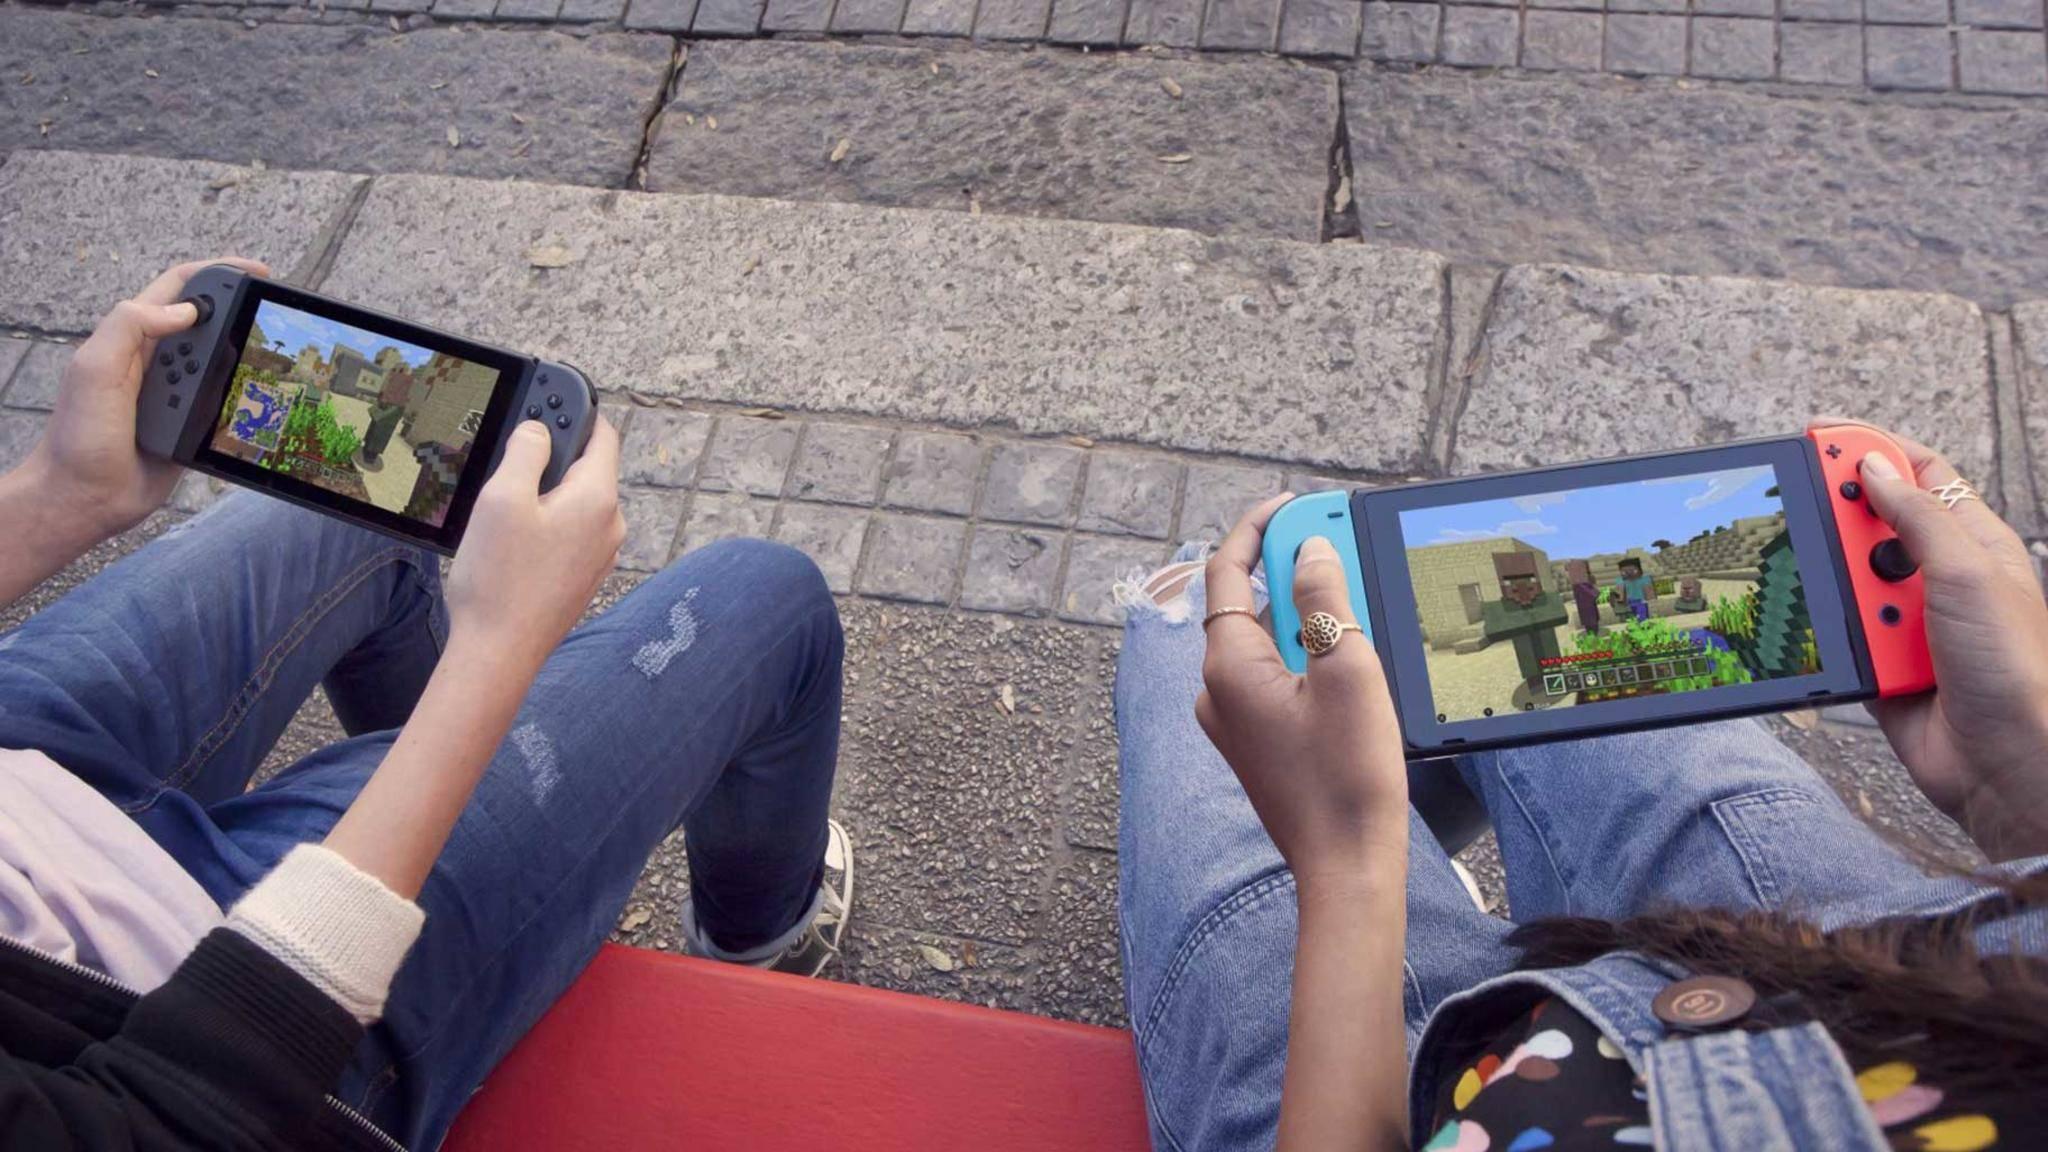 Geht mehr raus! Eine Mini-Variante der Switch soll vor allem fürs Spielen unterwegs gedacht sein.